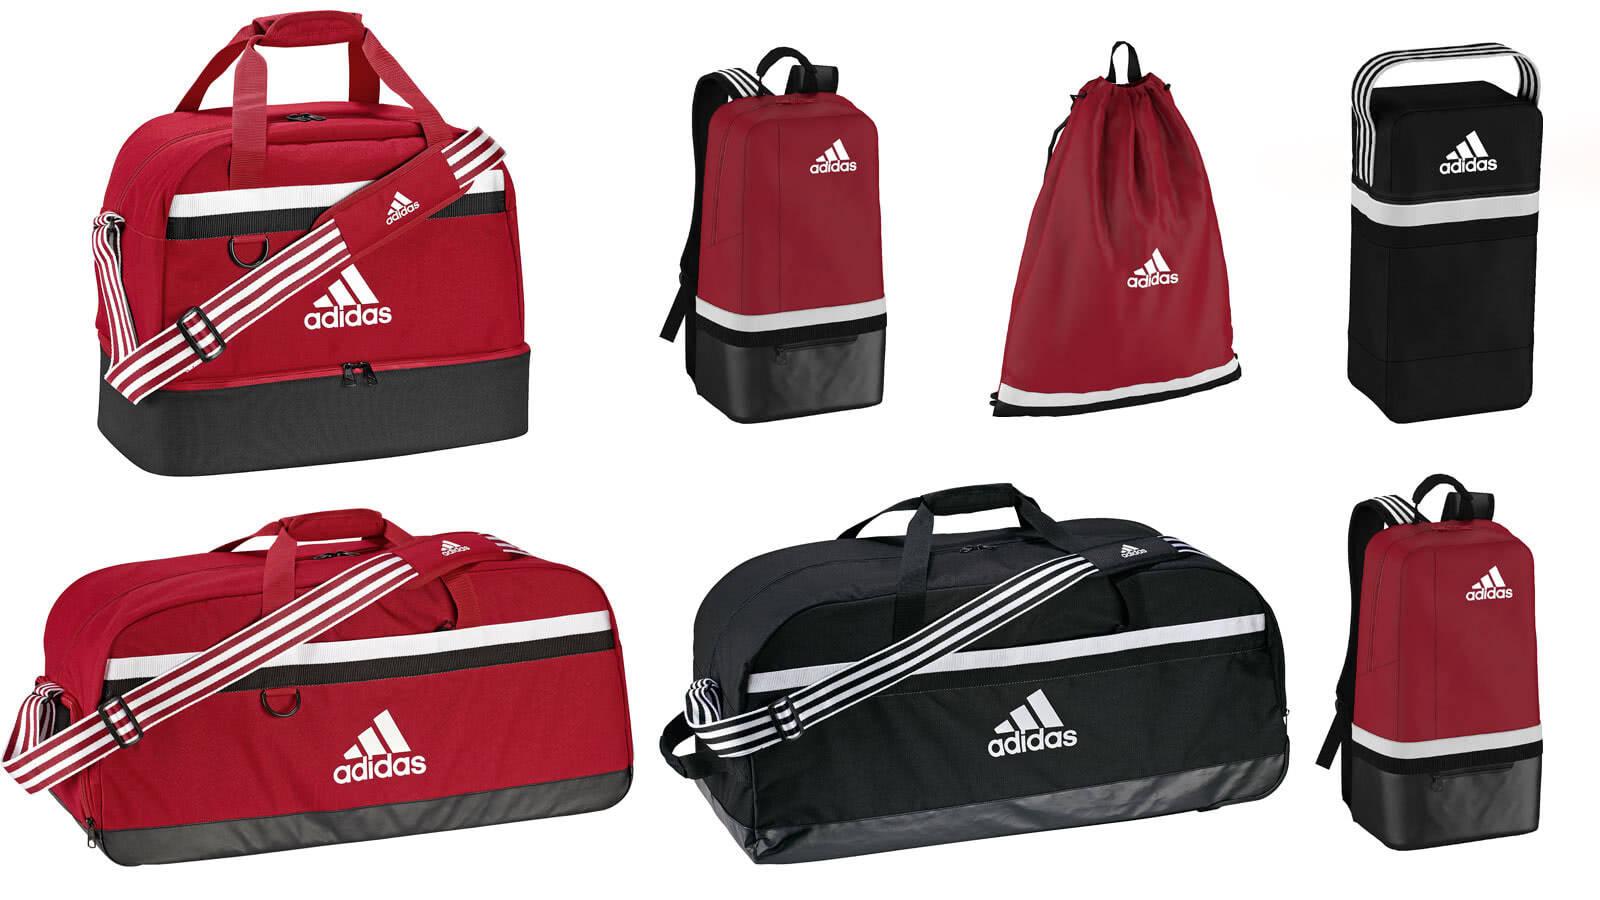 de04371dc8706 Adidas Tiro 15 Taschen sowie Rucksäcke und Co